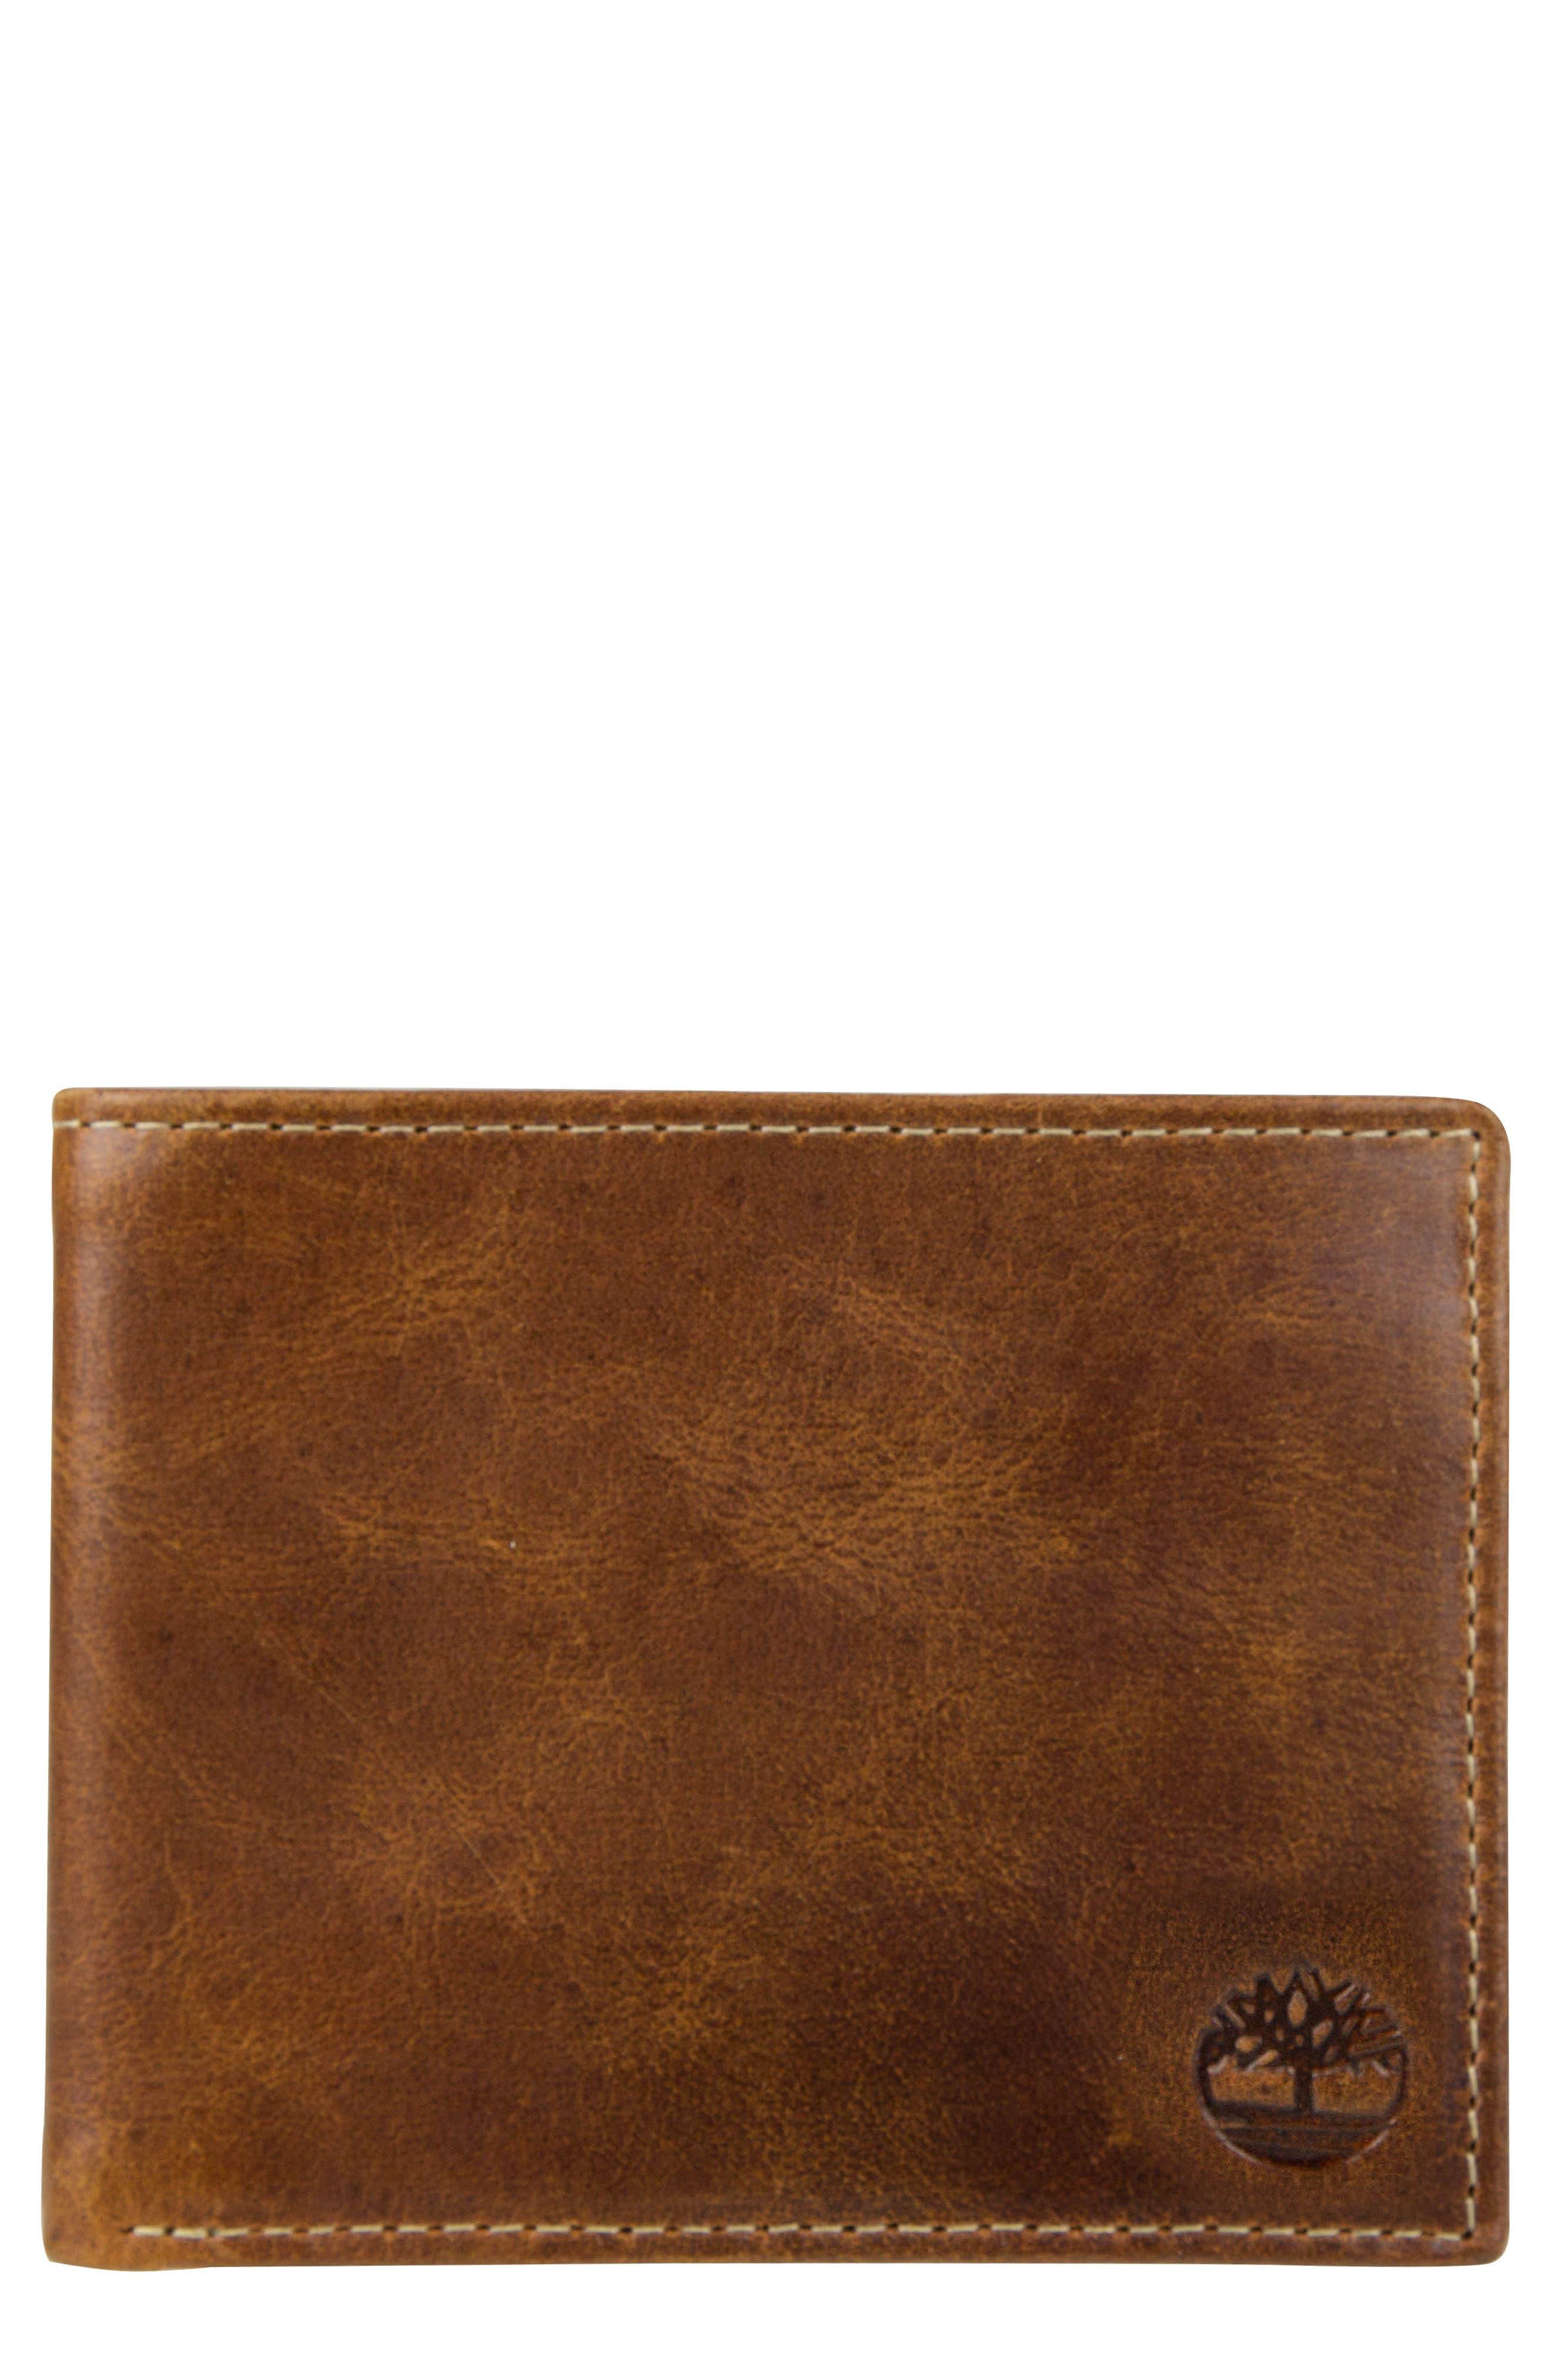 Leather Wallet,                         Main,                         color, Cognac